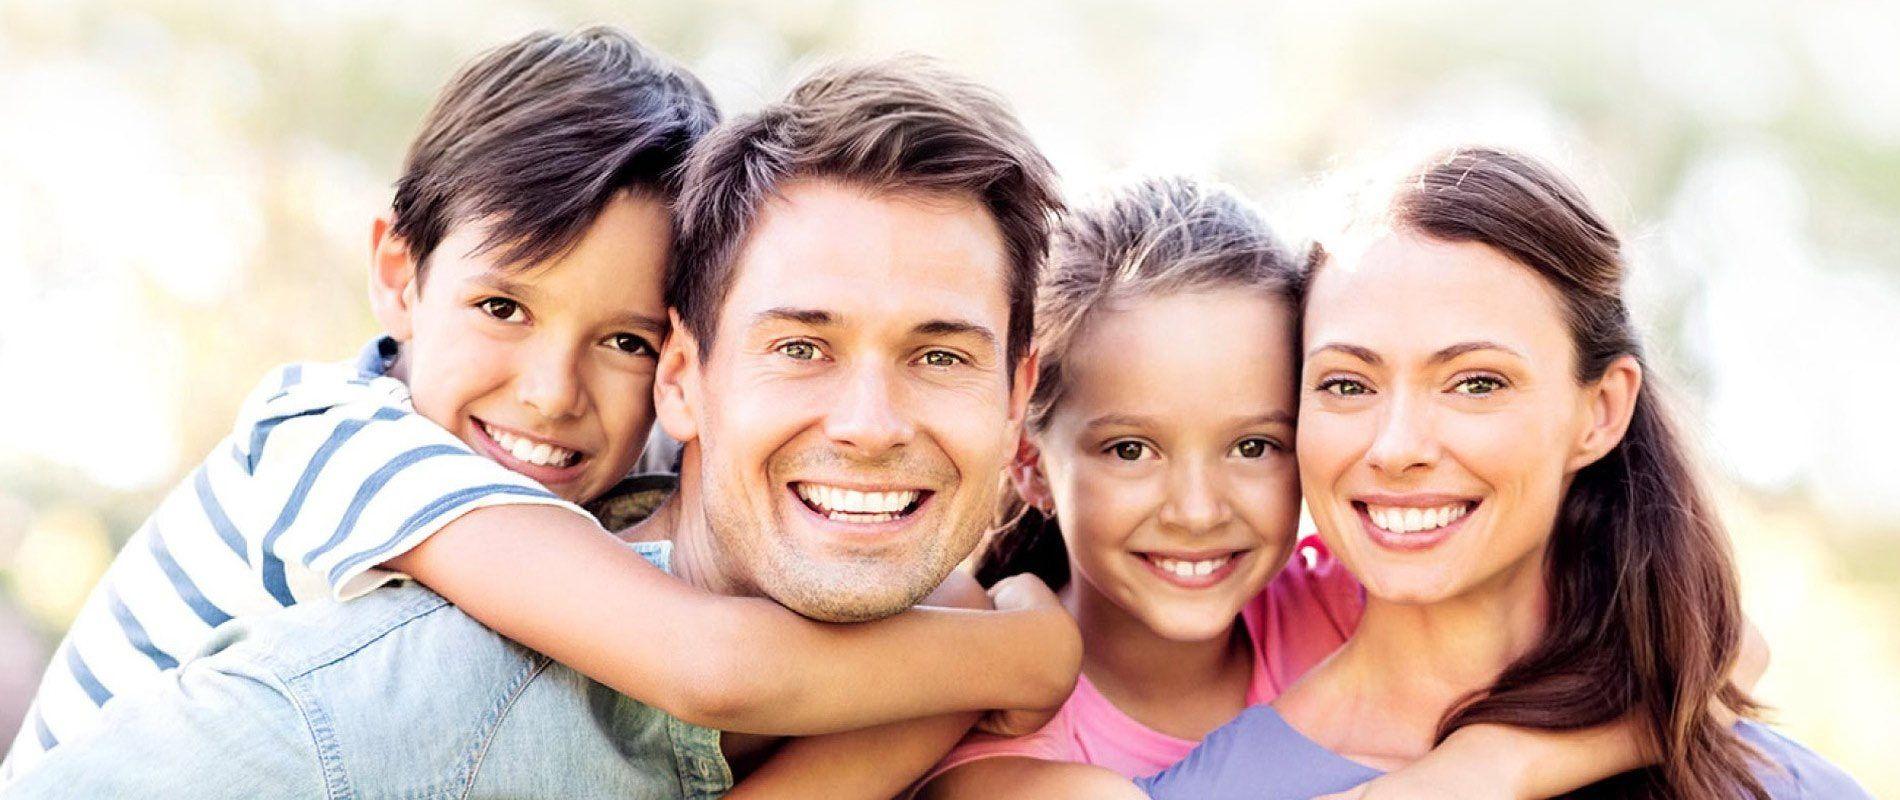 Ortodontist Murat Selek adlı kullanıcının Ortodonti